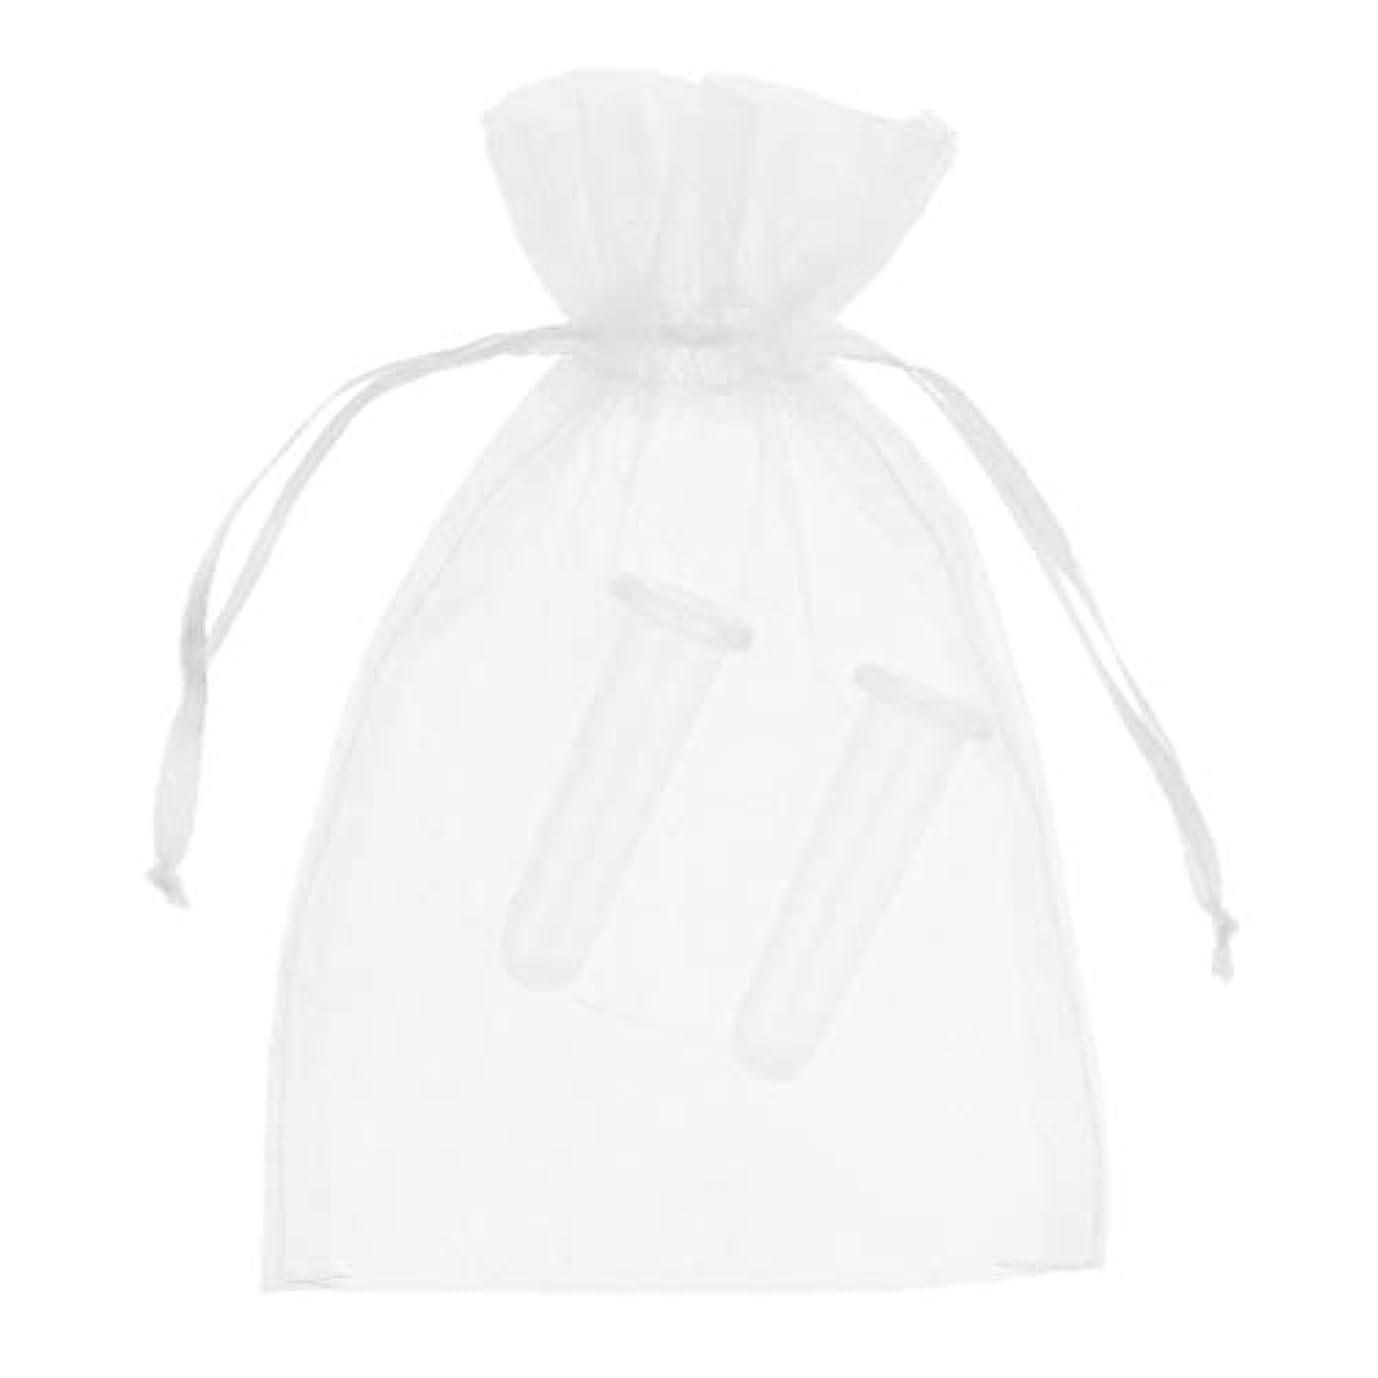 方向取り替える抽選シリコーン製 真空 顔用マッサージ カッピング 吸い玉カップ カッピング 収納ポーチ付き 2個 全2色 - ホワイト